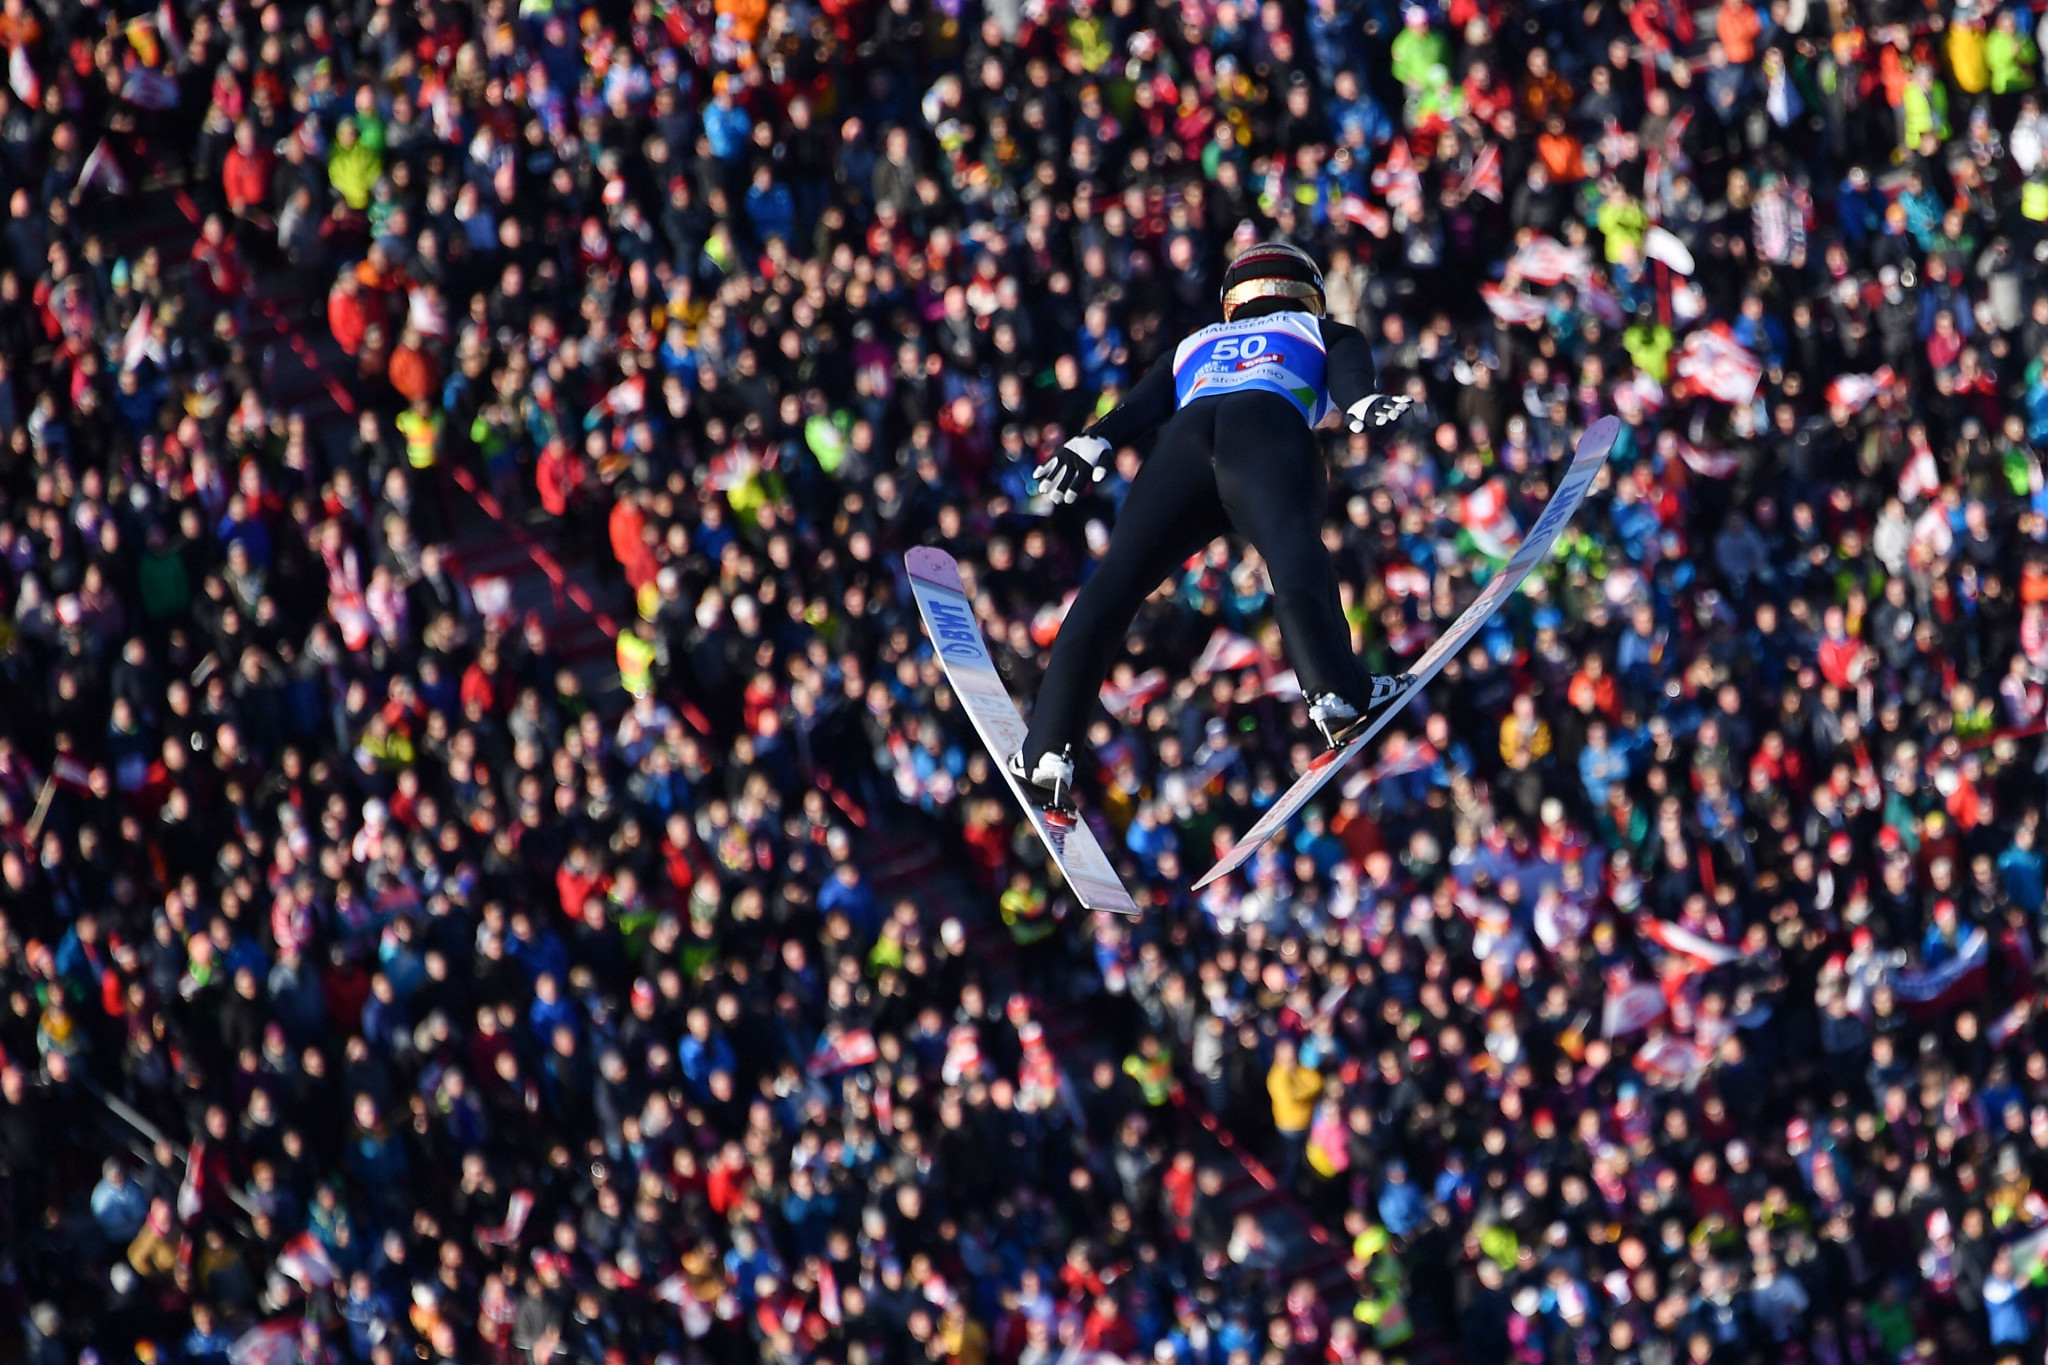 World Cup leader Ryoyu Kobayashi missed out on a podium finish as Switzerland's Kilian Peier won bronze ©Getty Images